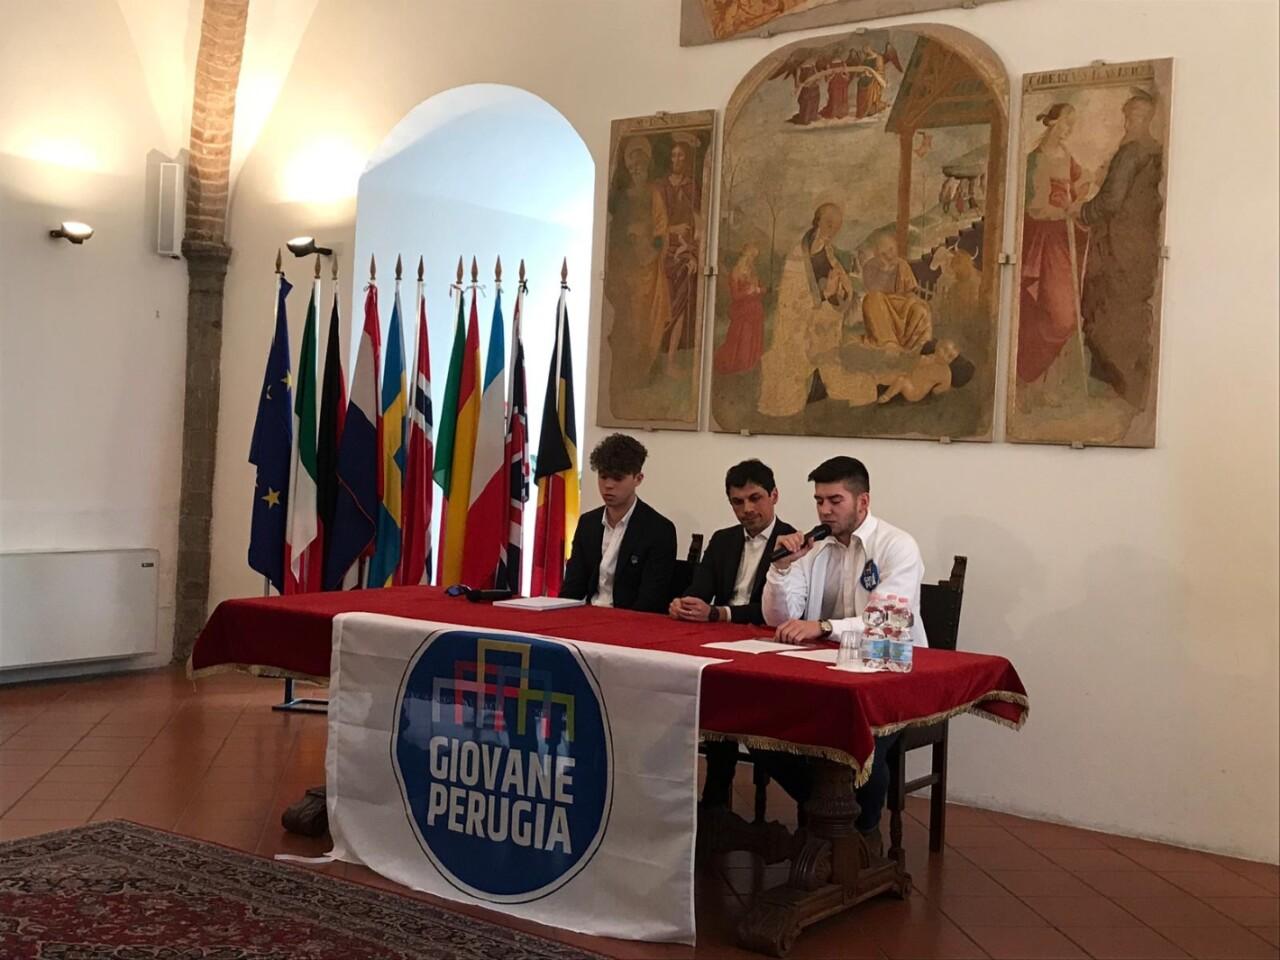 Lista Giovane Perugia, al centro della lista l'amore per la città